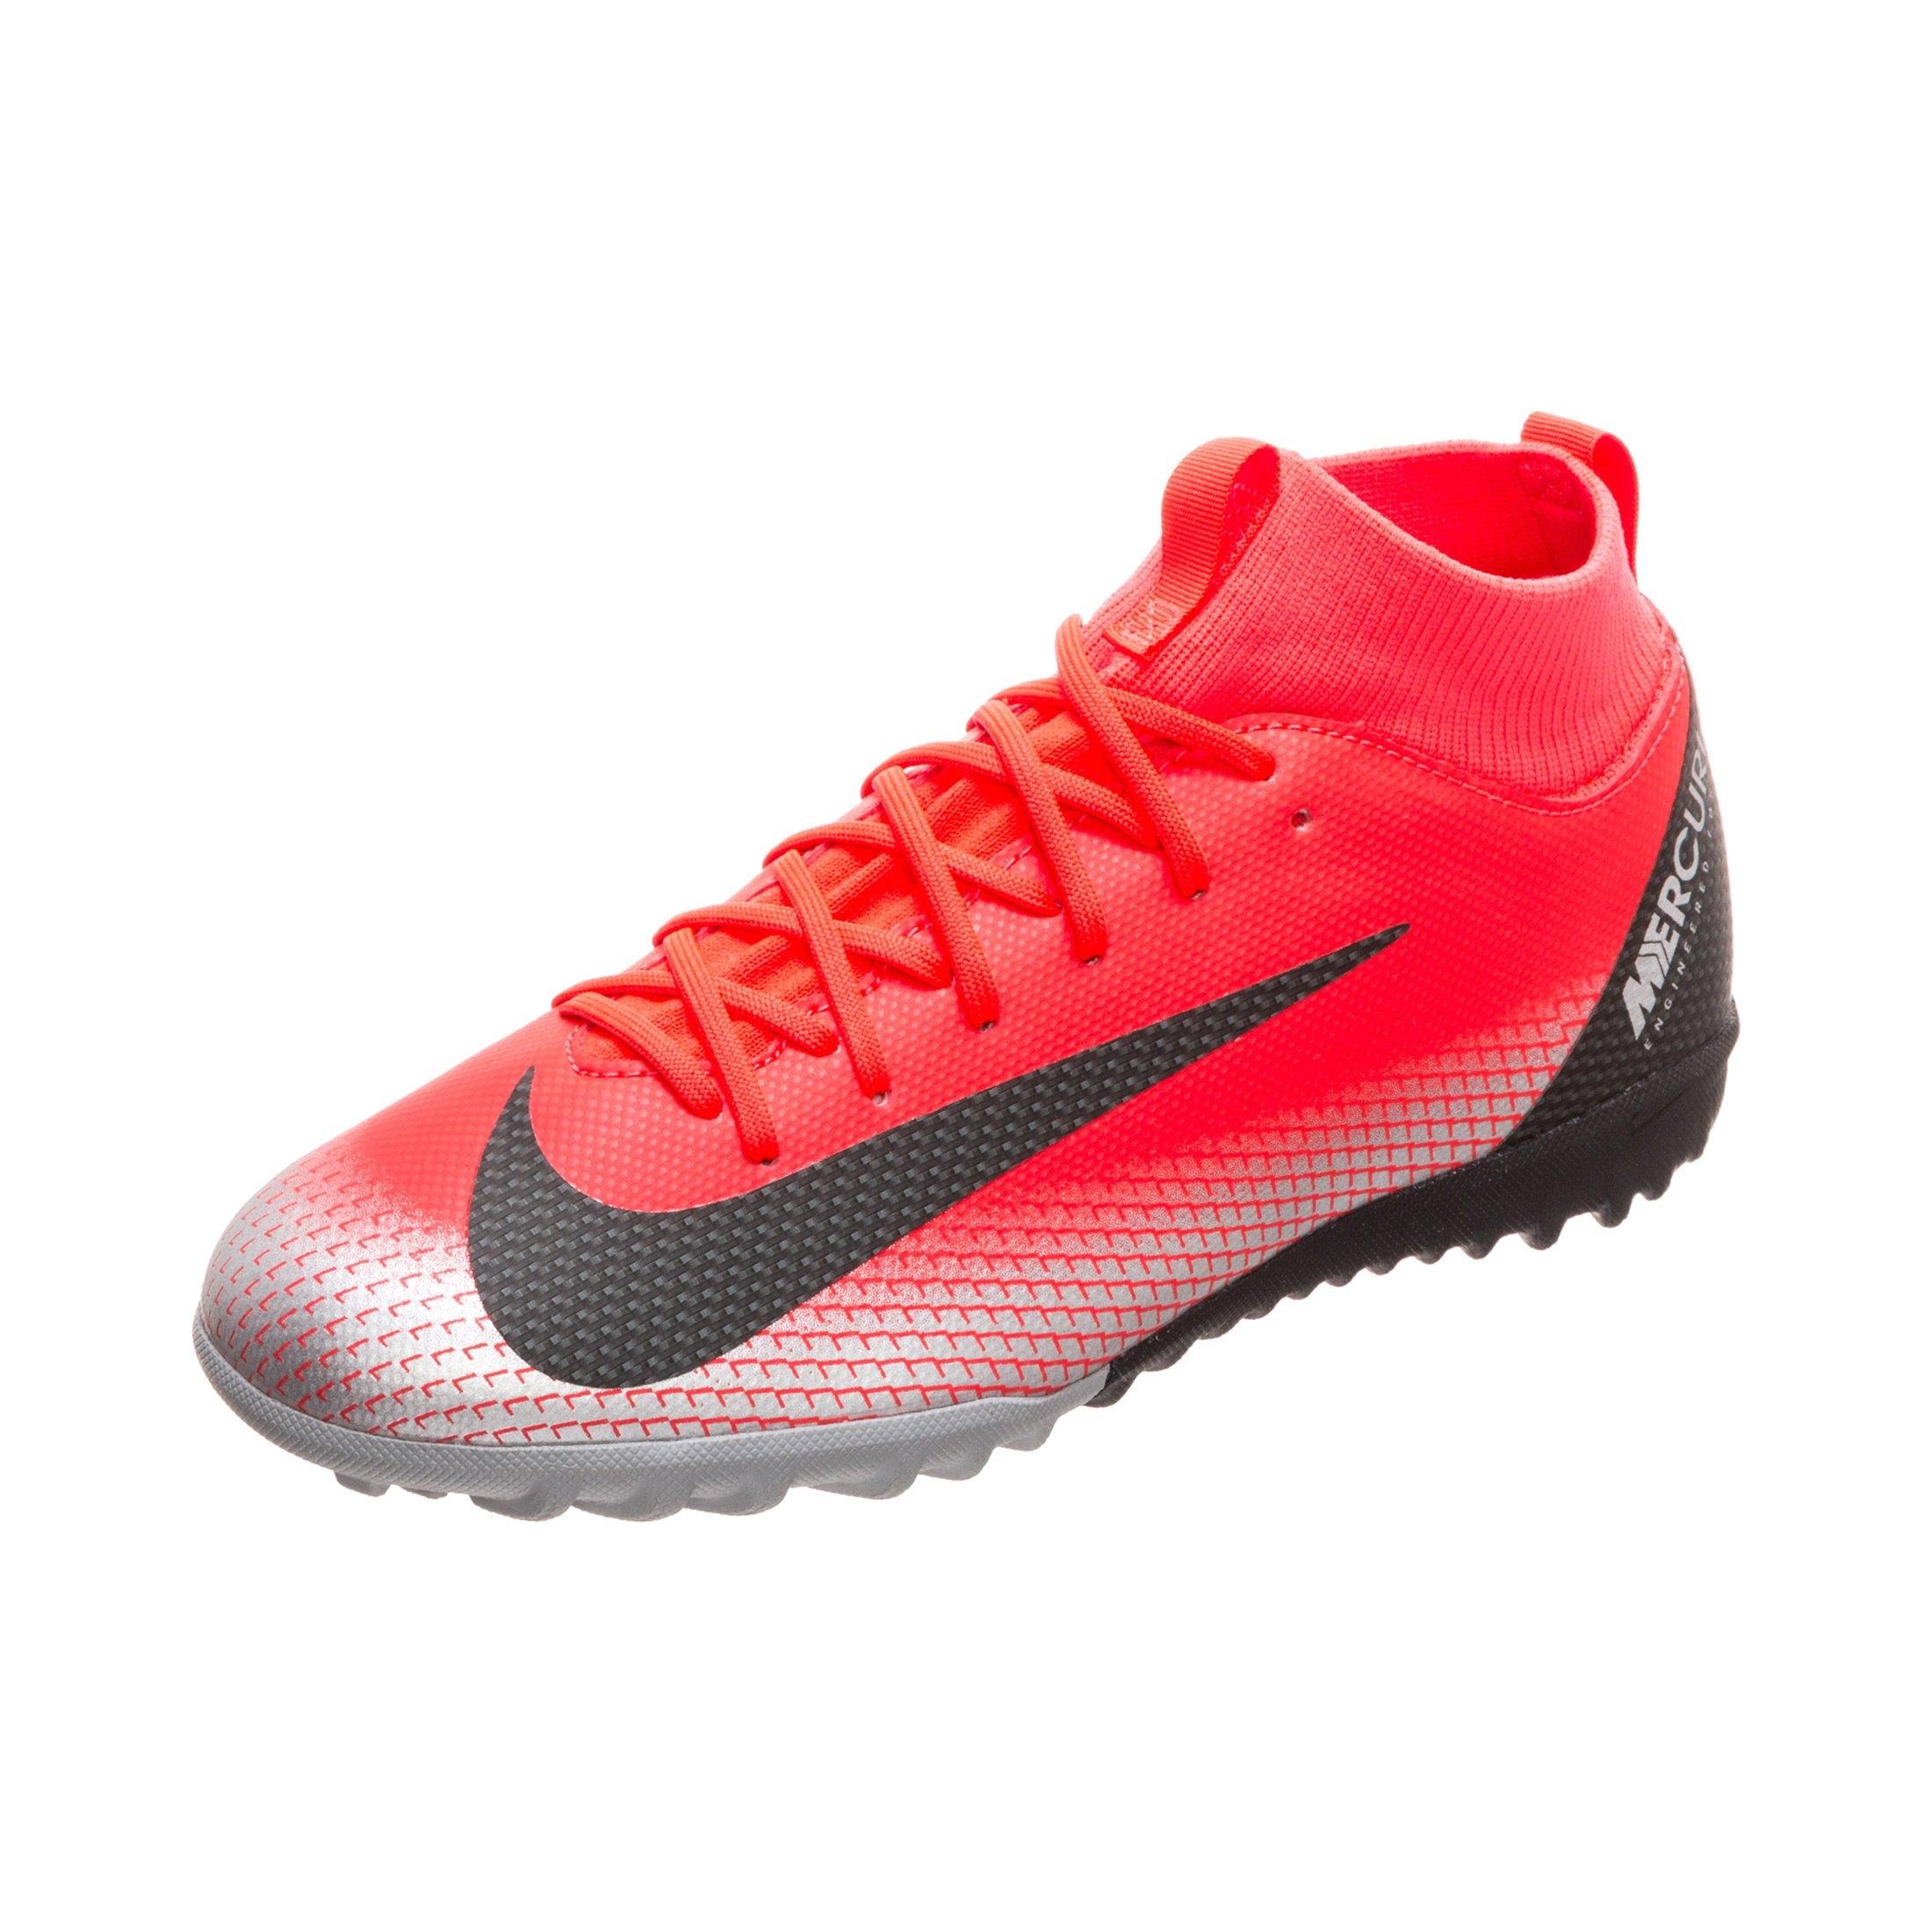 Nike voetbalschoenen »Mercurial Superfly Vi Cr7 Academy Tf« bestellen: 30 dagen bedenktijd